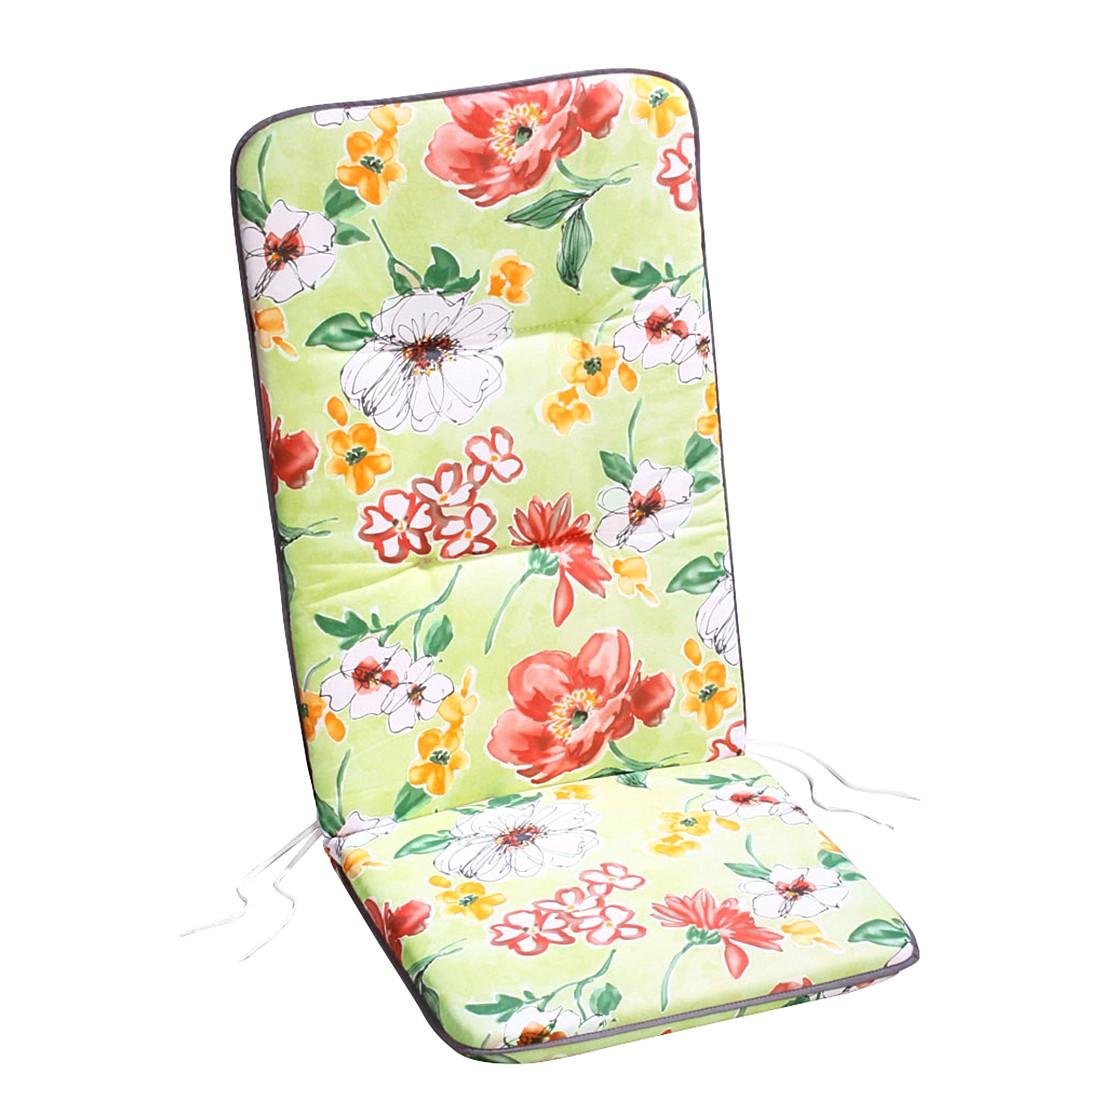 Polsterauflage Akelai – Floral gemustert – Mehrfarbig – Rollliege – 190 x 60 cm, Best Freizeitmöbel günstig kaufen